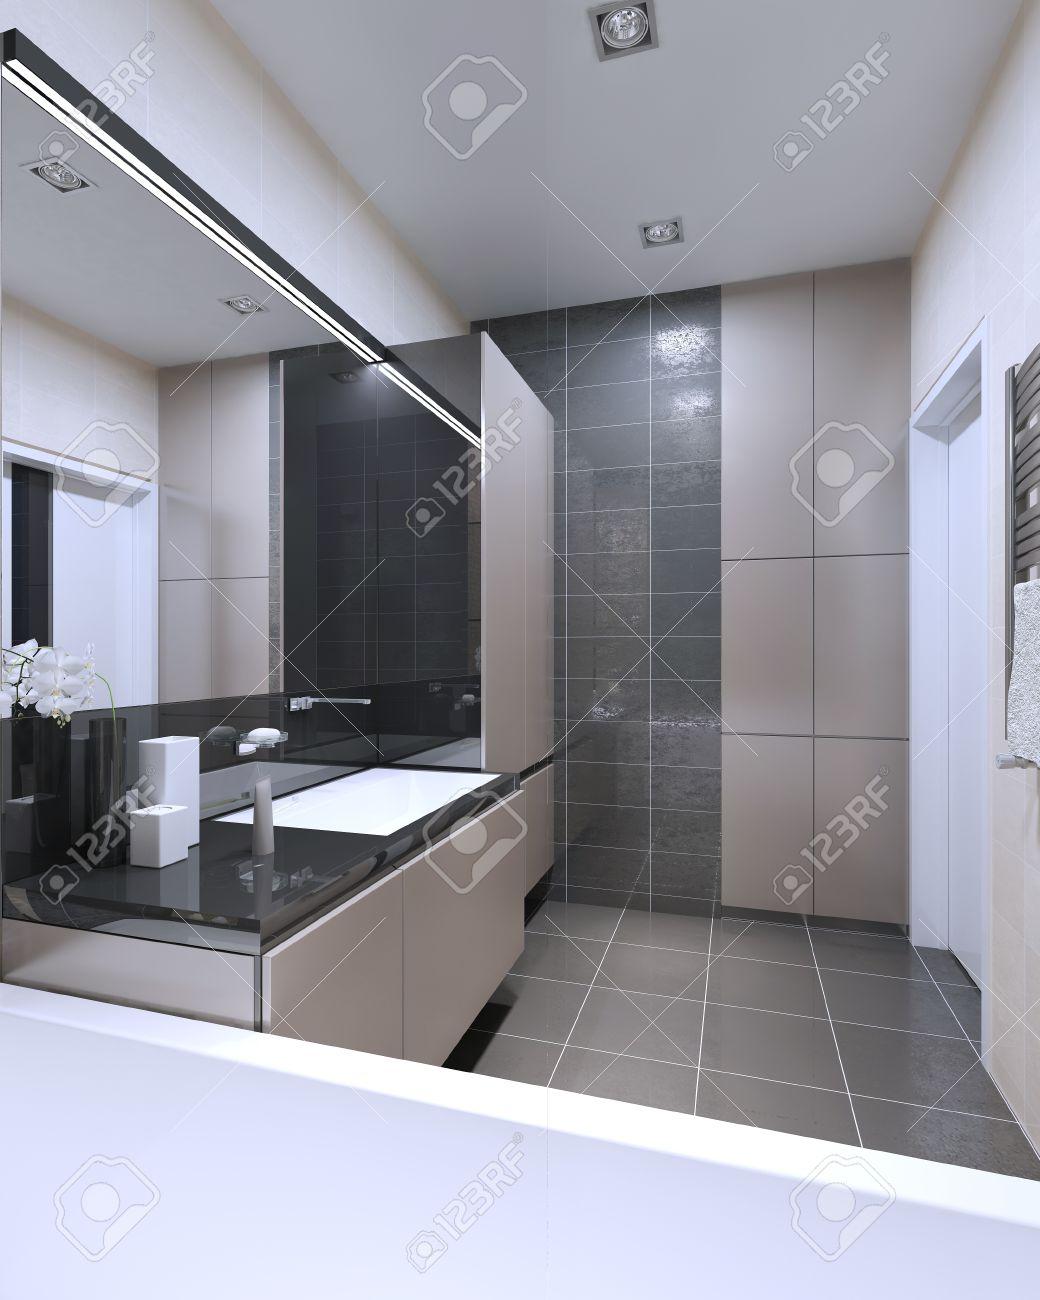 Idee Der Badezimmer Mit Gemischten Wände. High-Tech-Innenleben Eines ...